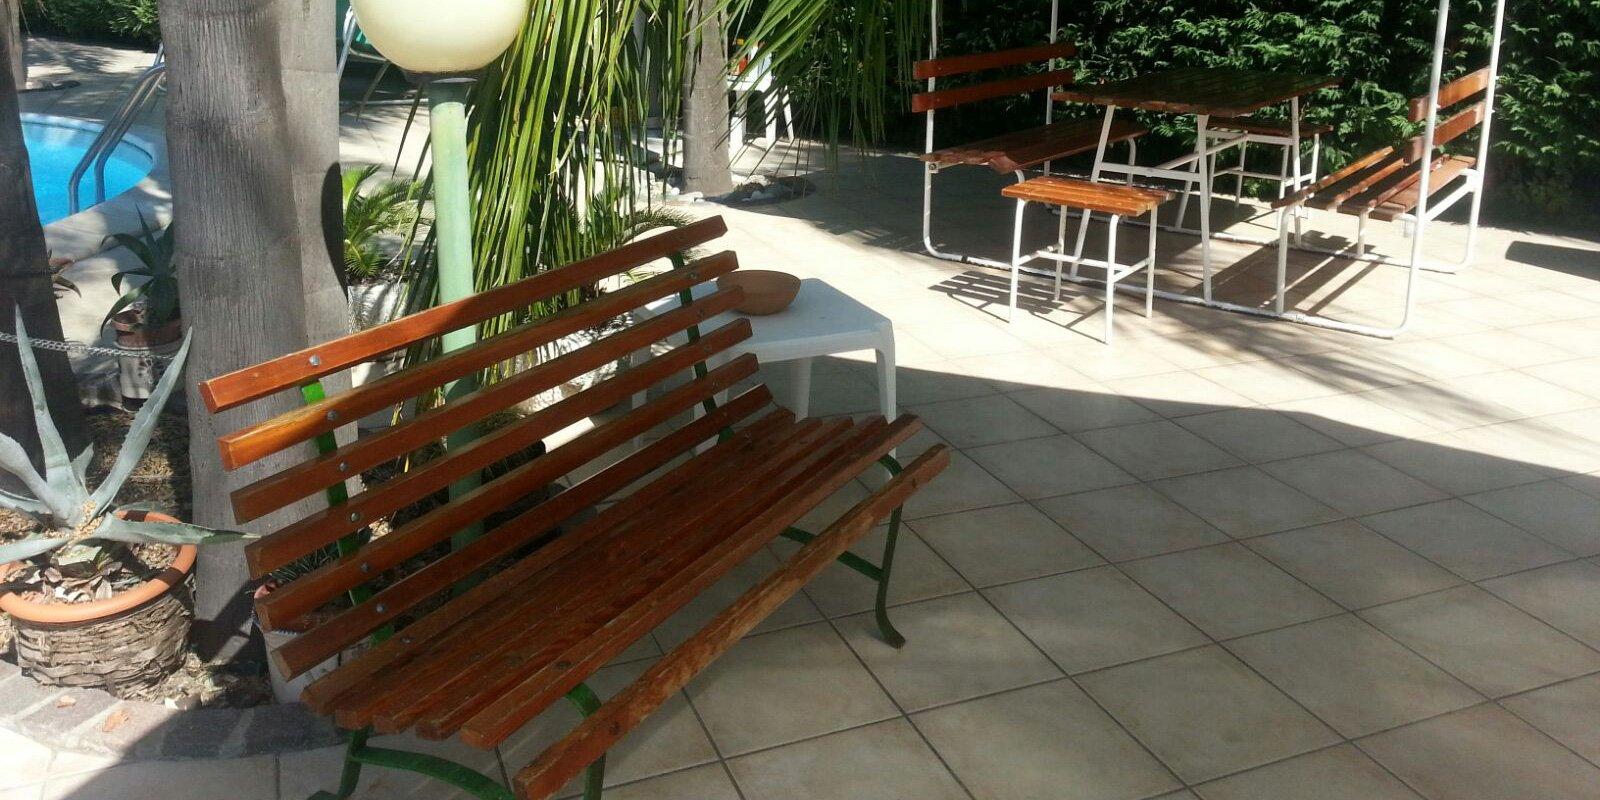 giardino con  palme, panchine in legno, lampioncini e tendalino verde